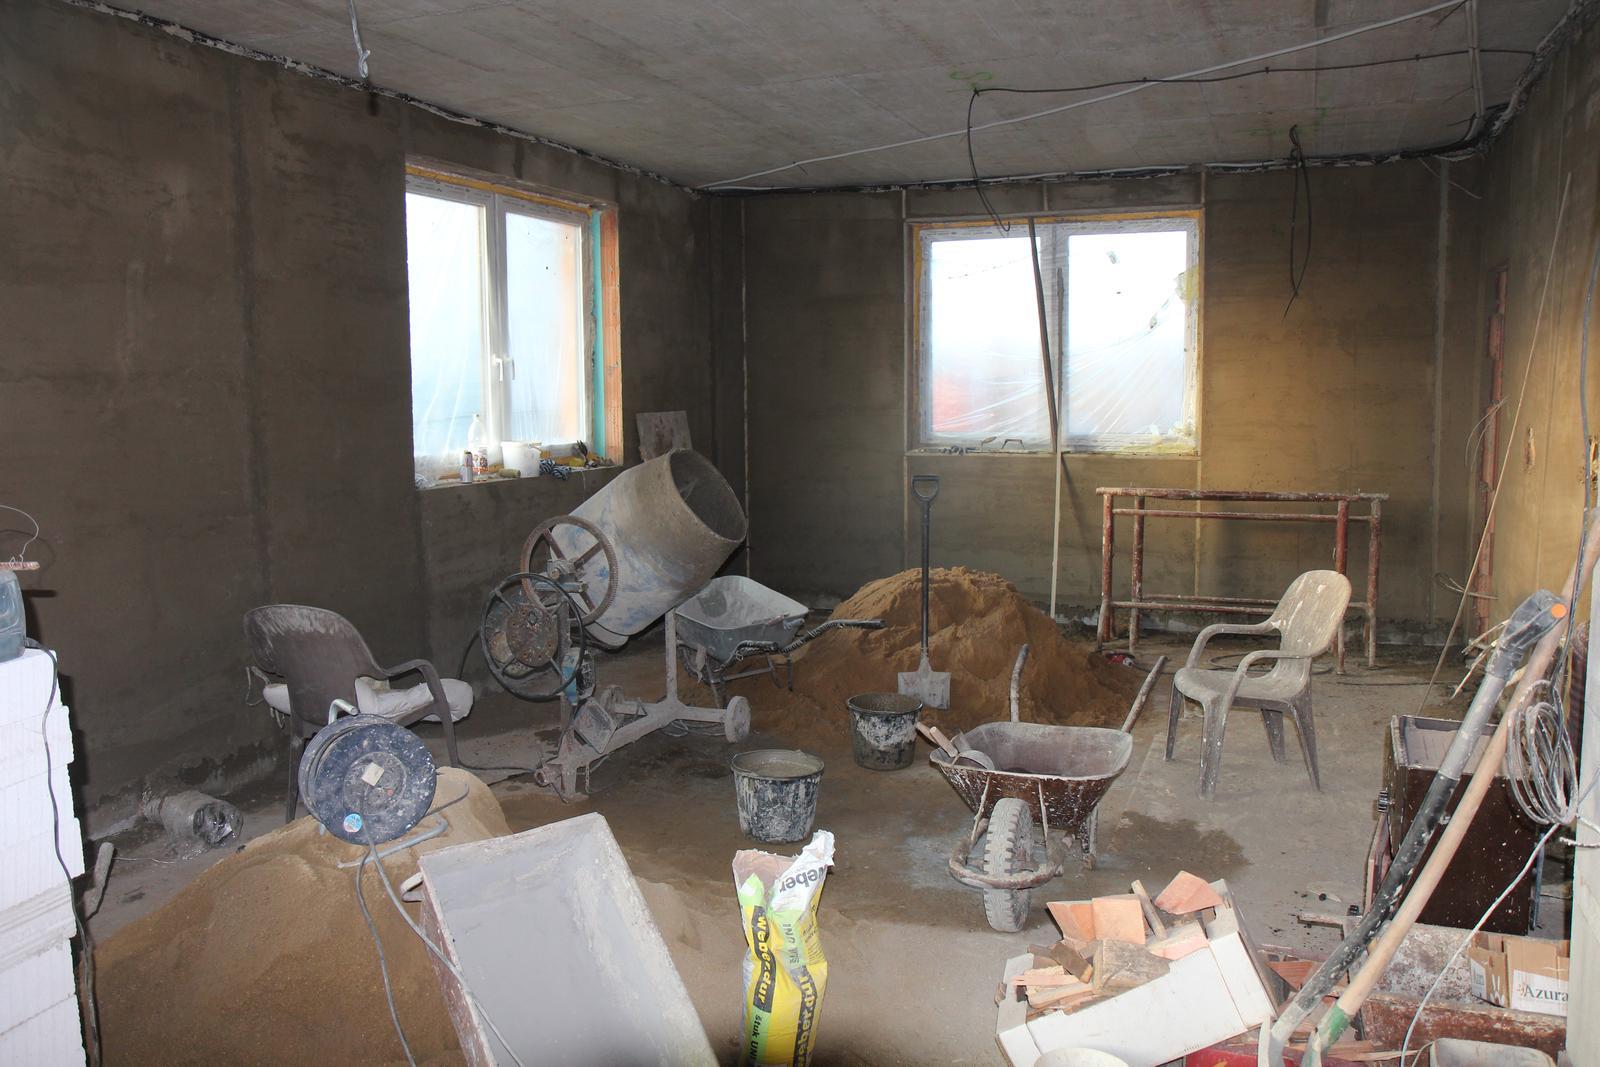 Tak jde čas aneb jak si stavíme sen :-) - Aktuálně ze stavby